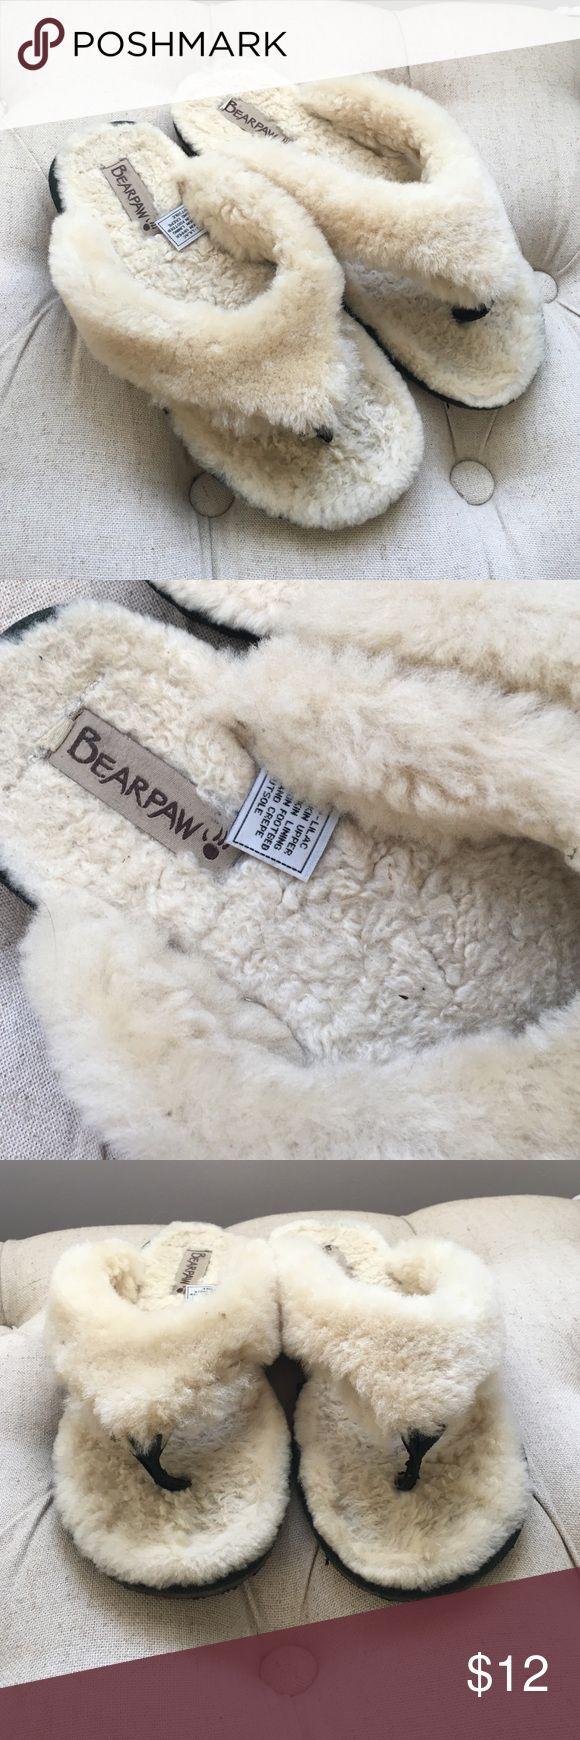 Sheepskin slipper flip flops Size 9 sheep skin slipper flip flops with rubber sole. BearPaw Shoes Slippers